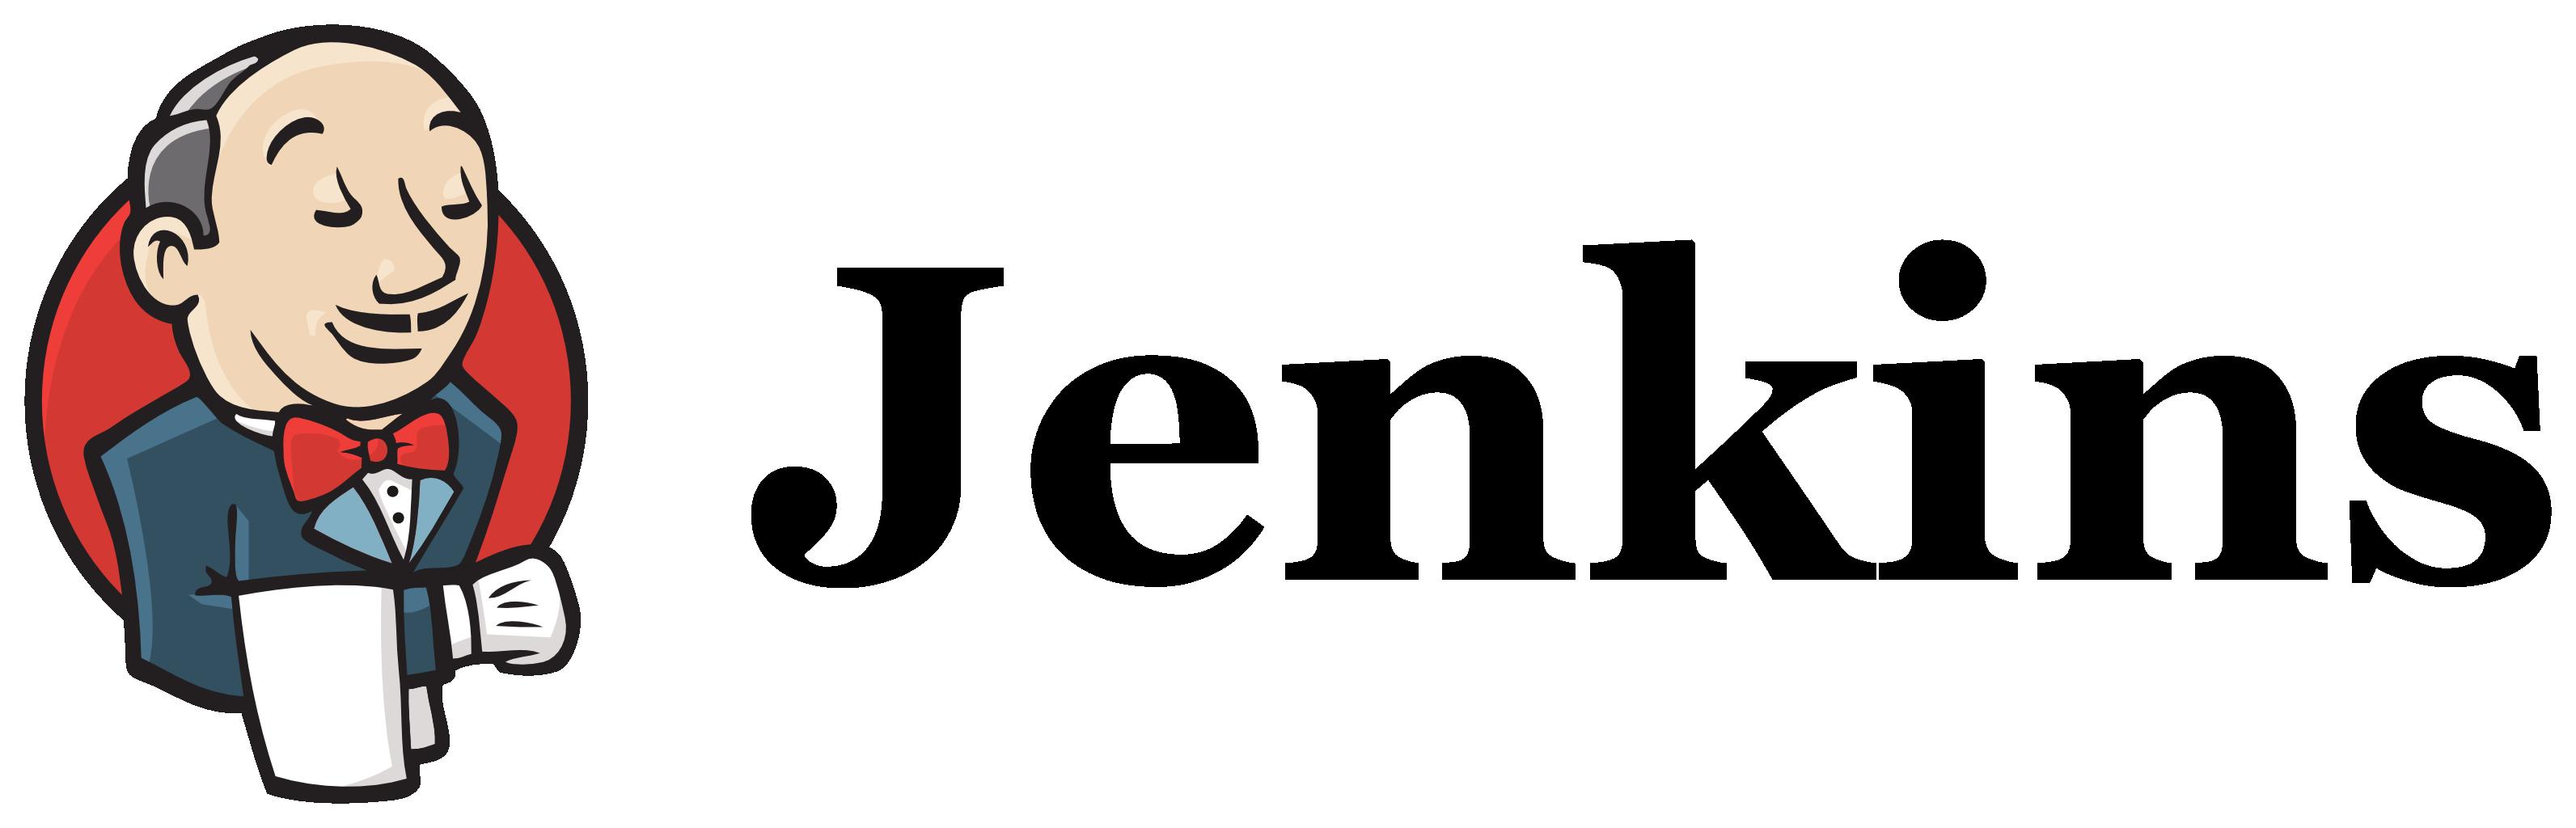 maker_business_logo_title.png